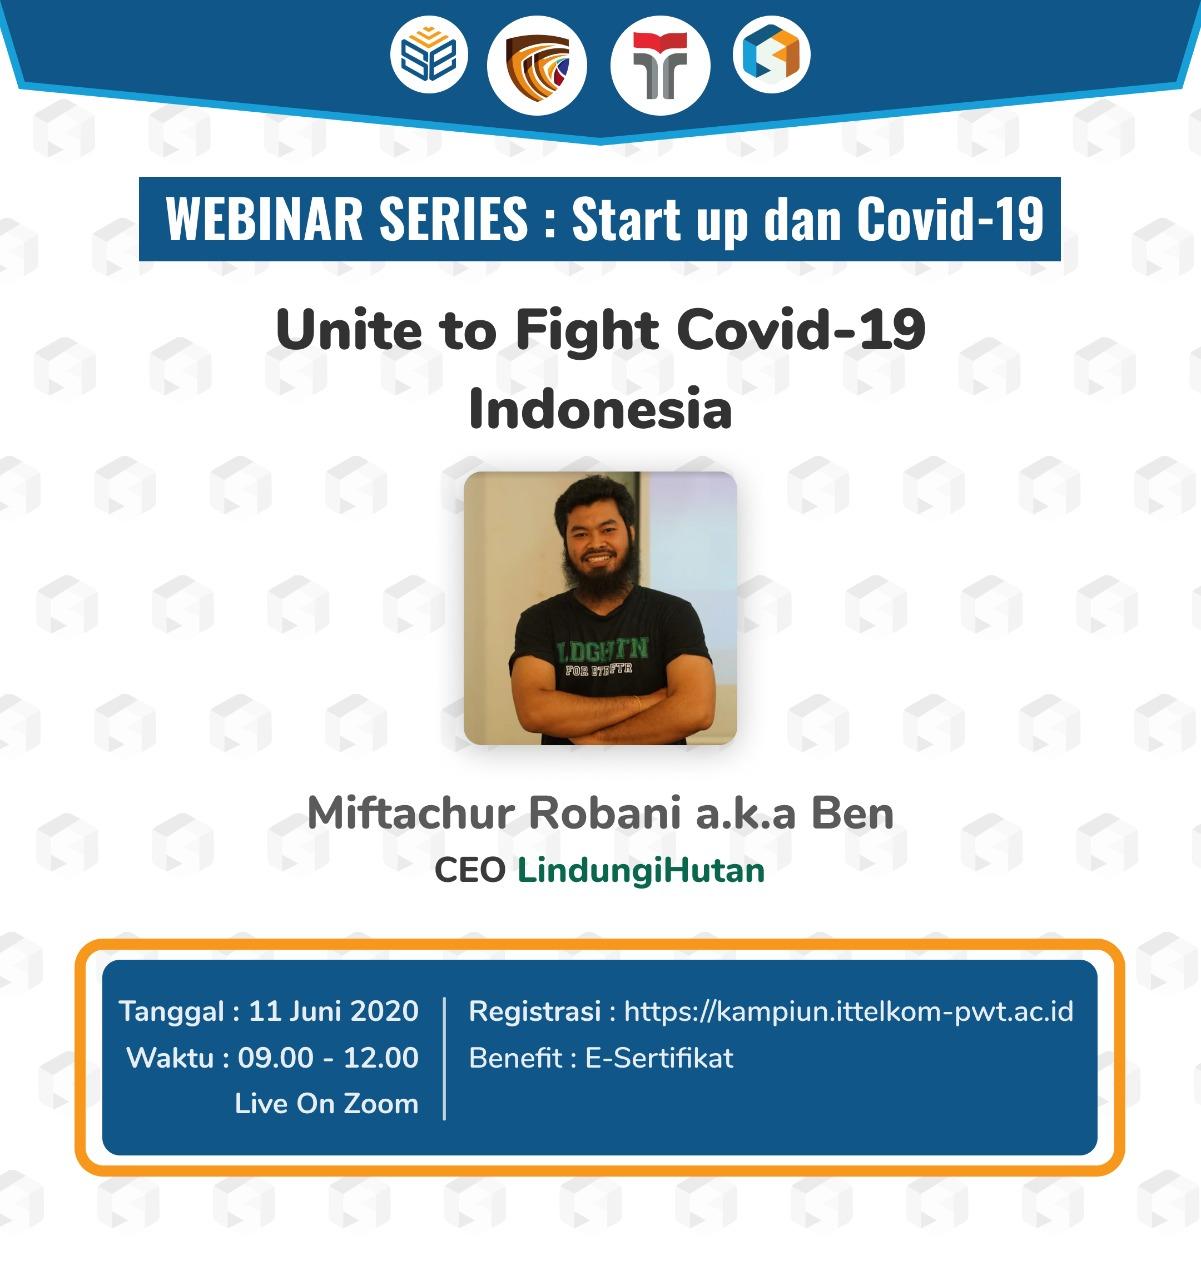 Unite to Fight Covid-19 Indonesia